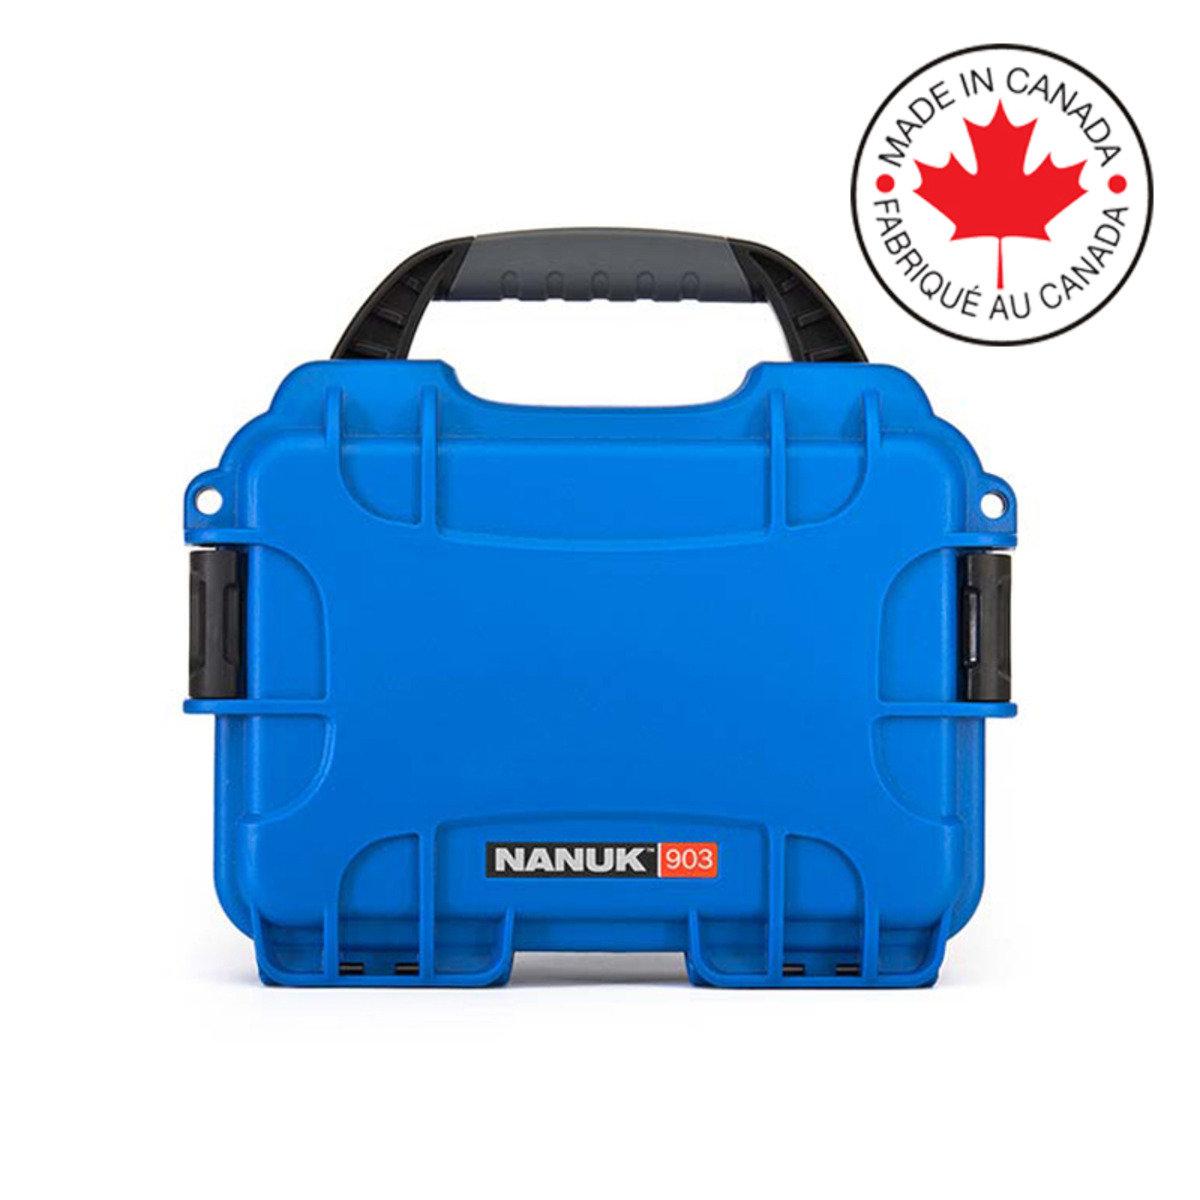 903 高級多用途三防保護箱連海綿-藍色(加拿大製造)